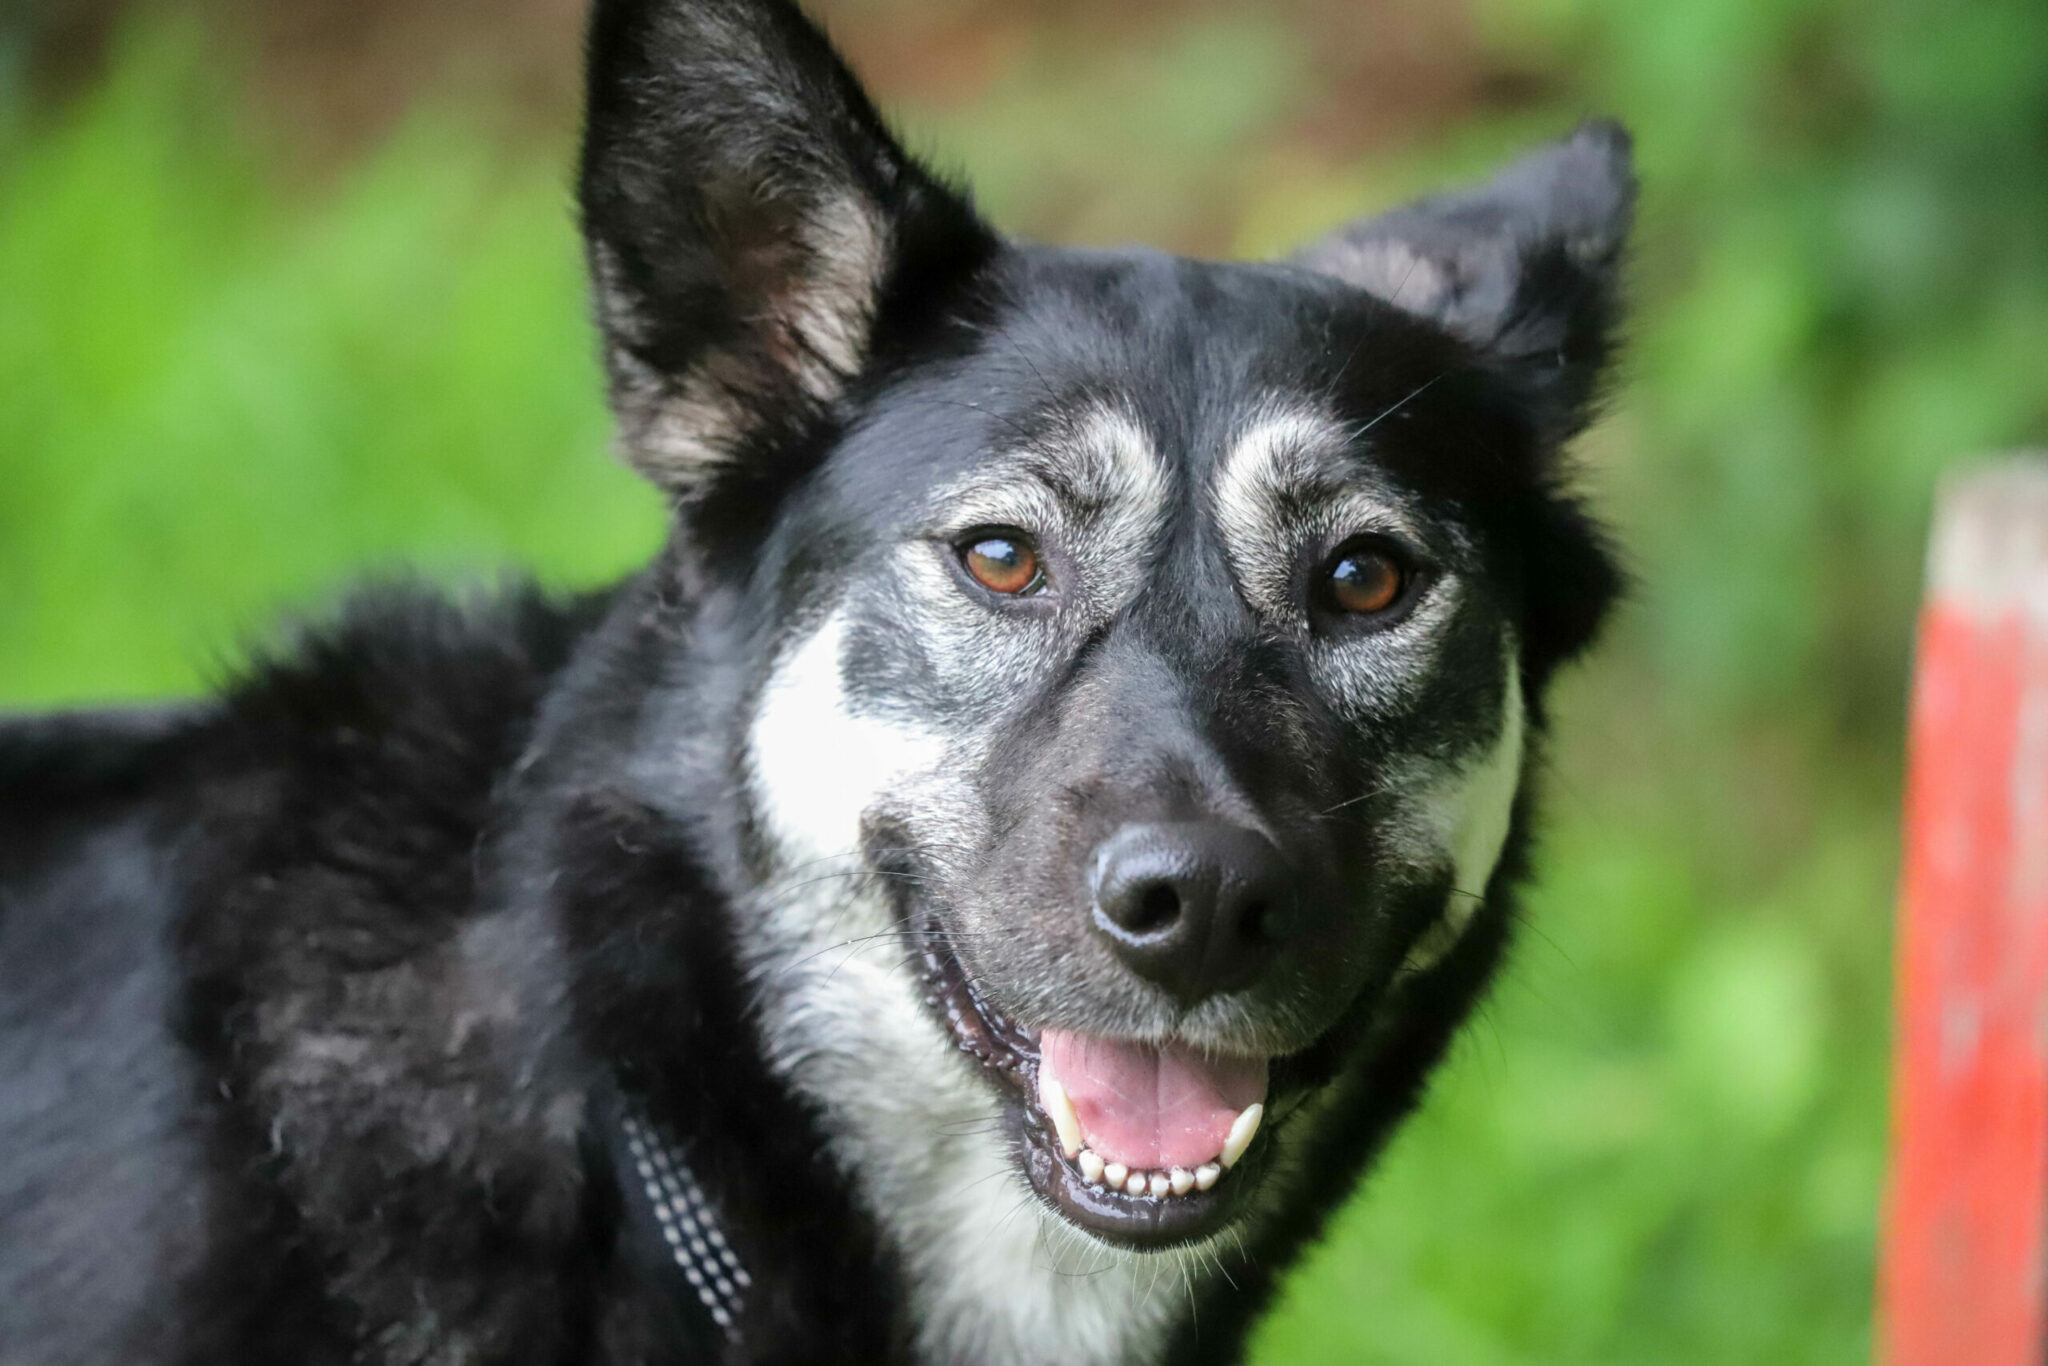 huisdieren huisdier bergen op zoom honden honden hondencursus puppy puppycursus huisdier huisdieren dier dieren